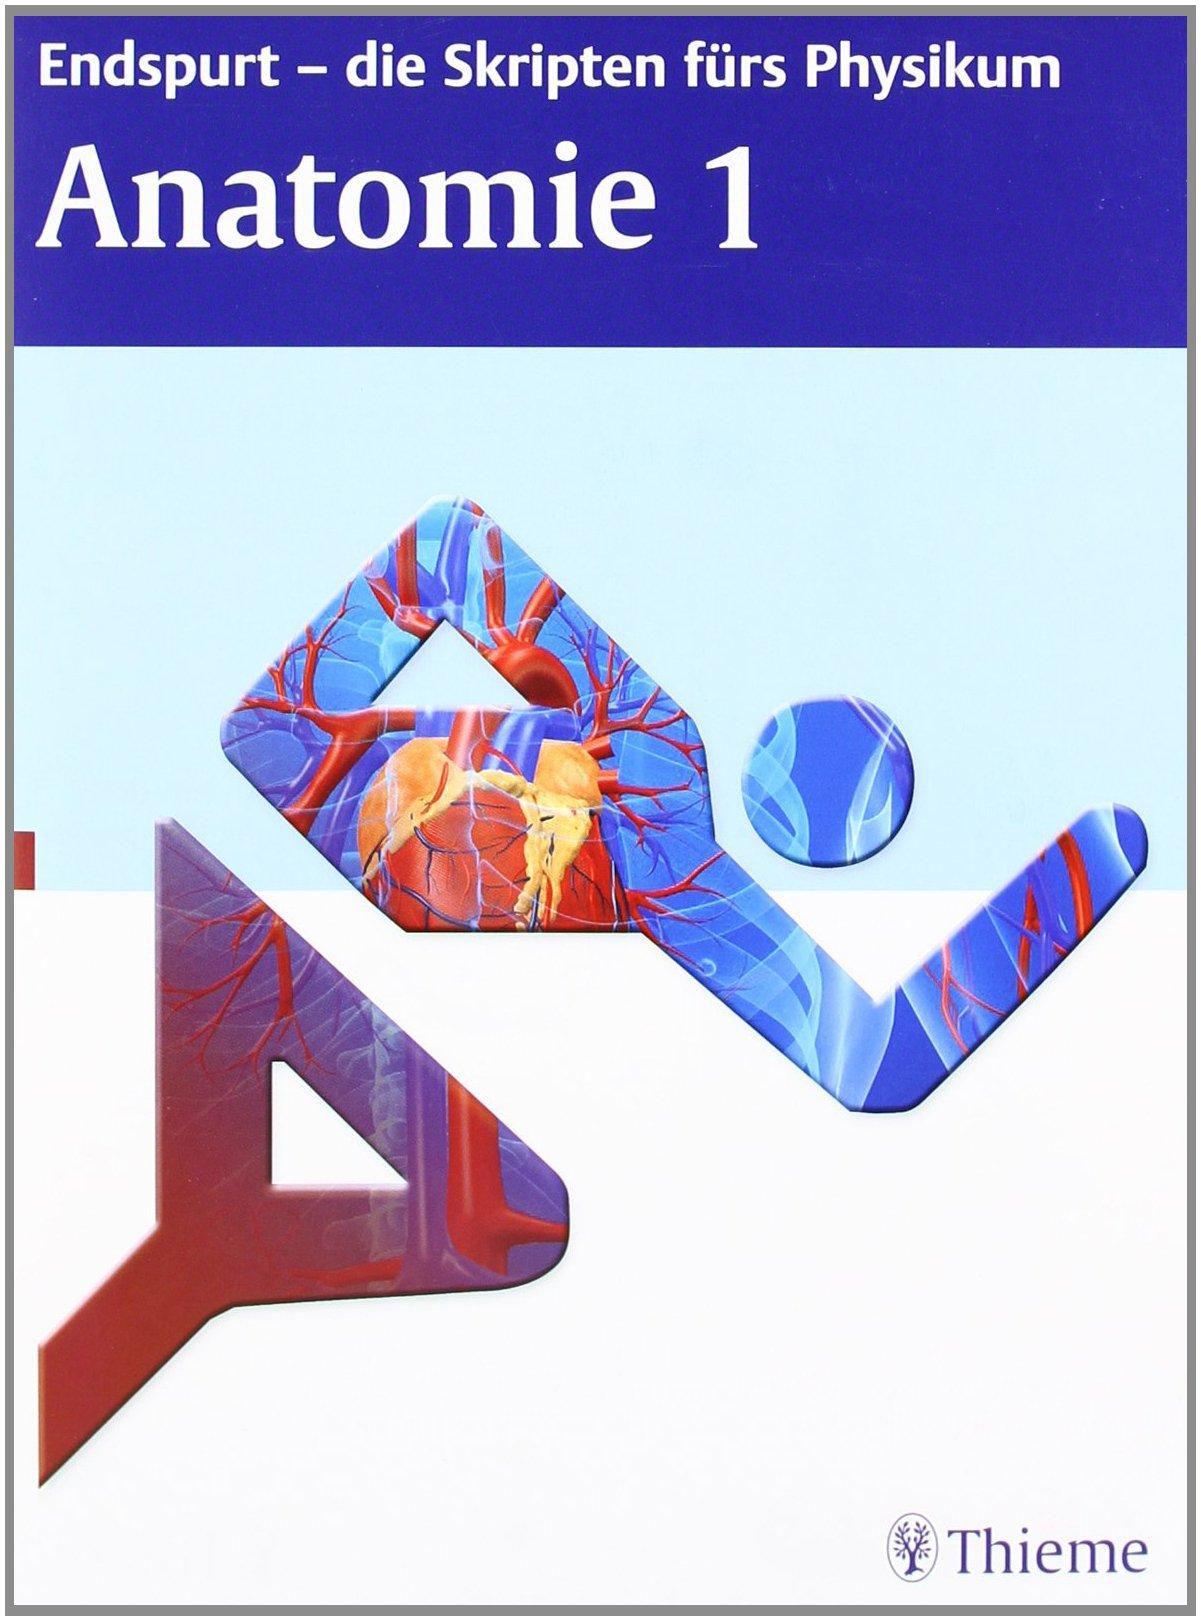 Endspurt - die Skripten fürs Physikum: Anatomie 1